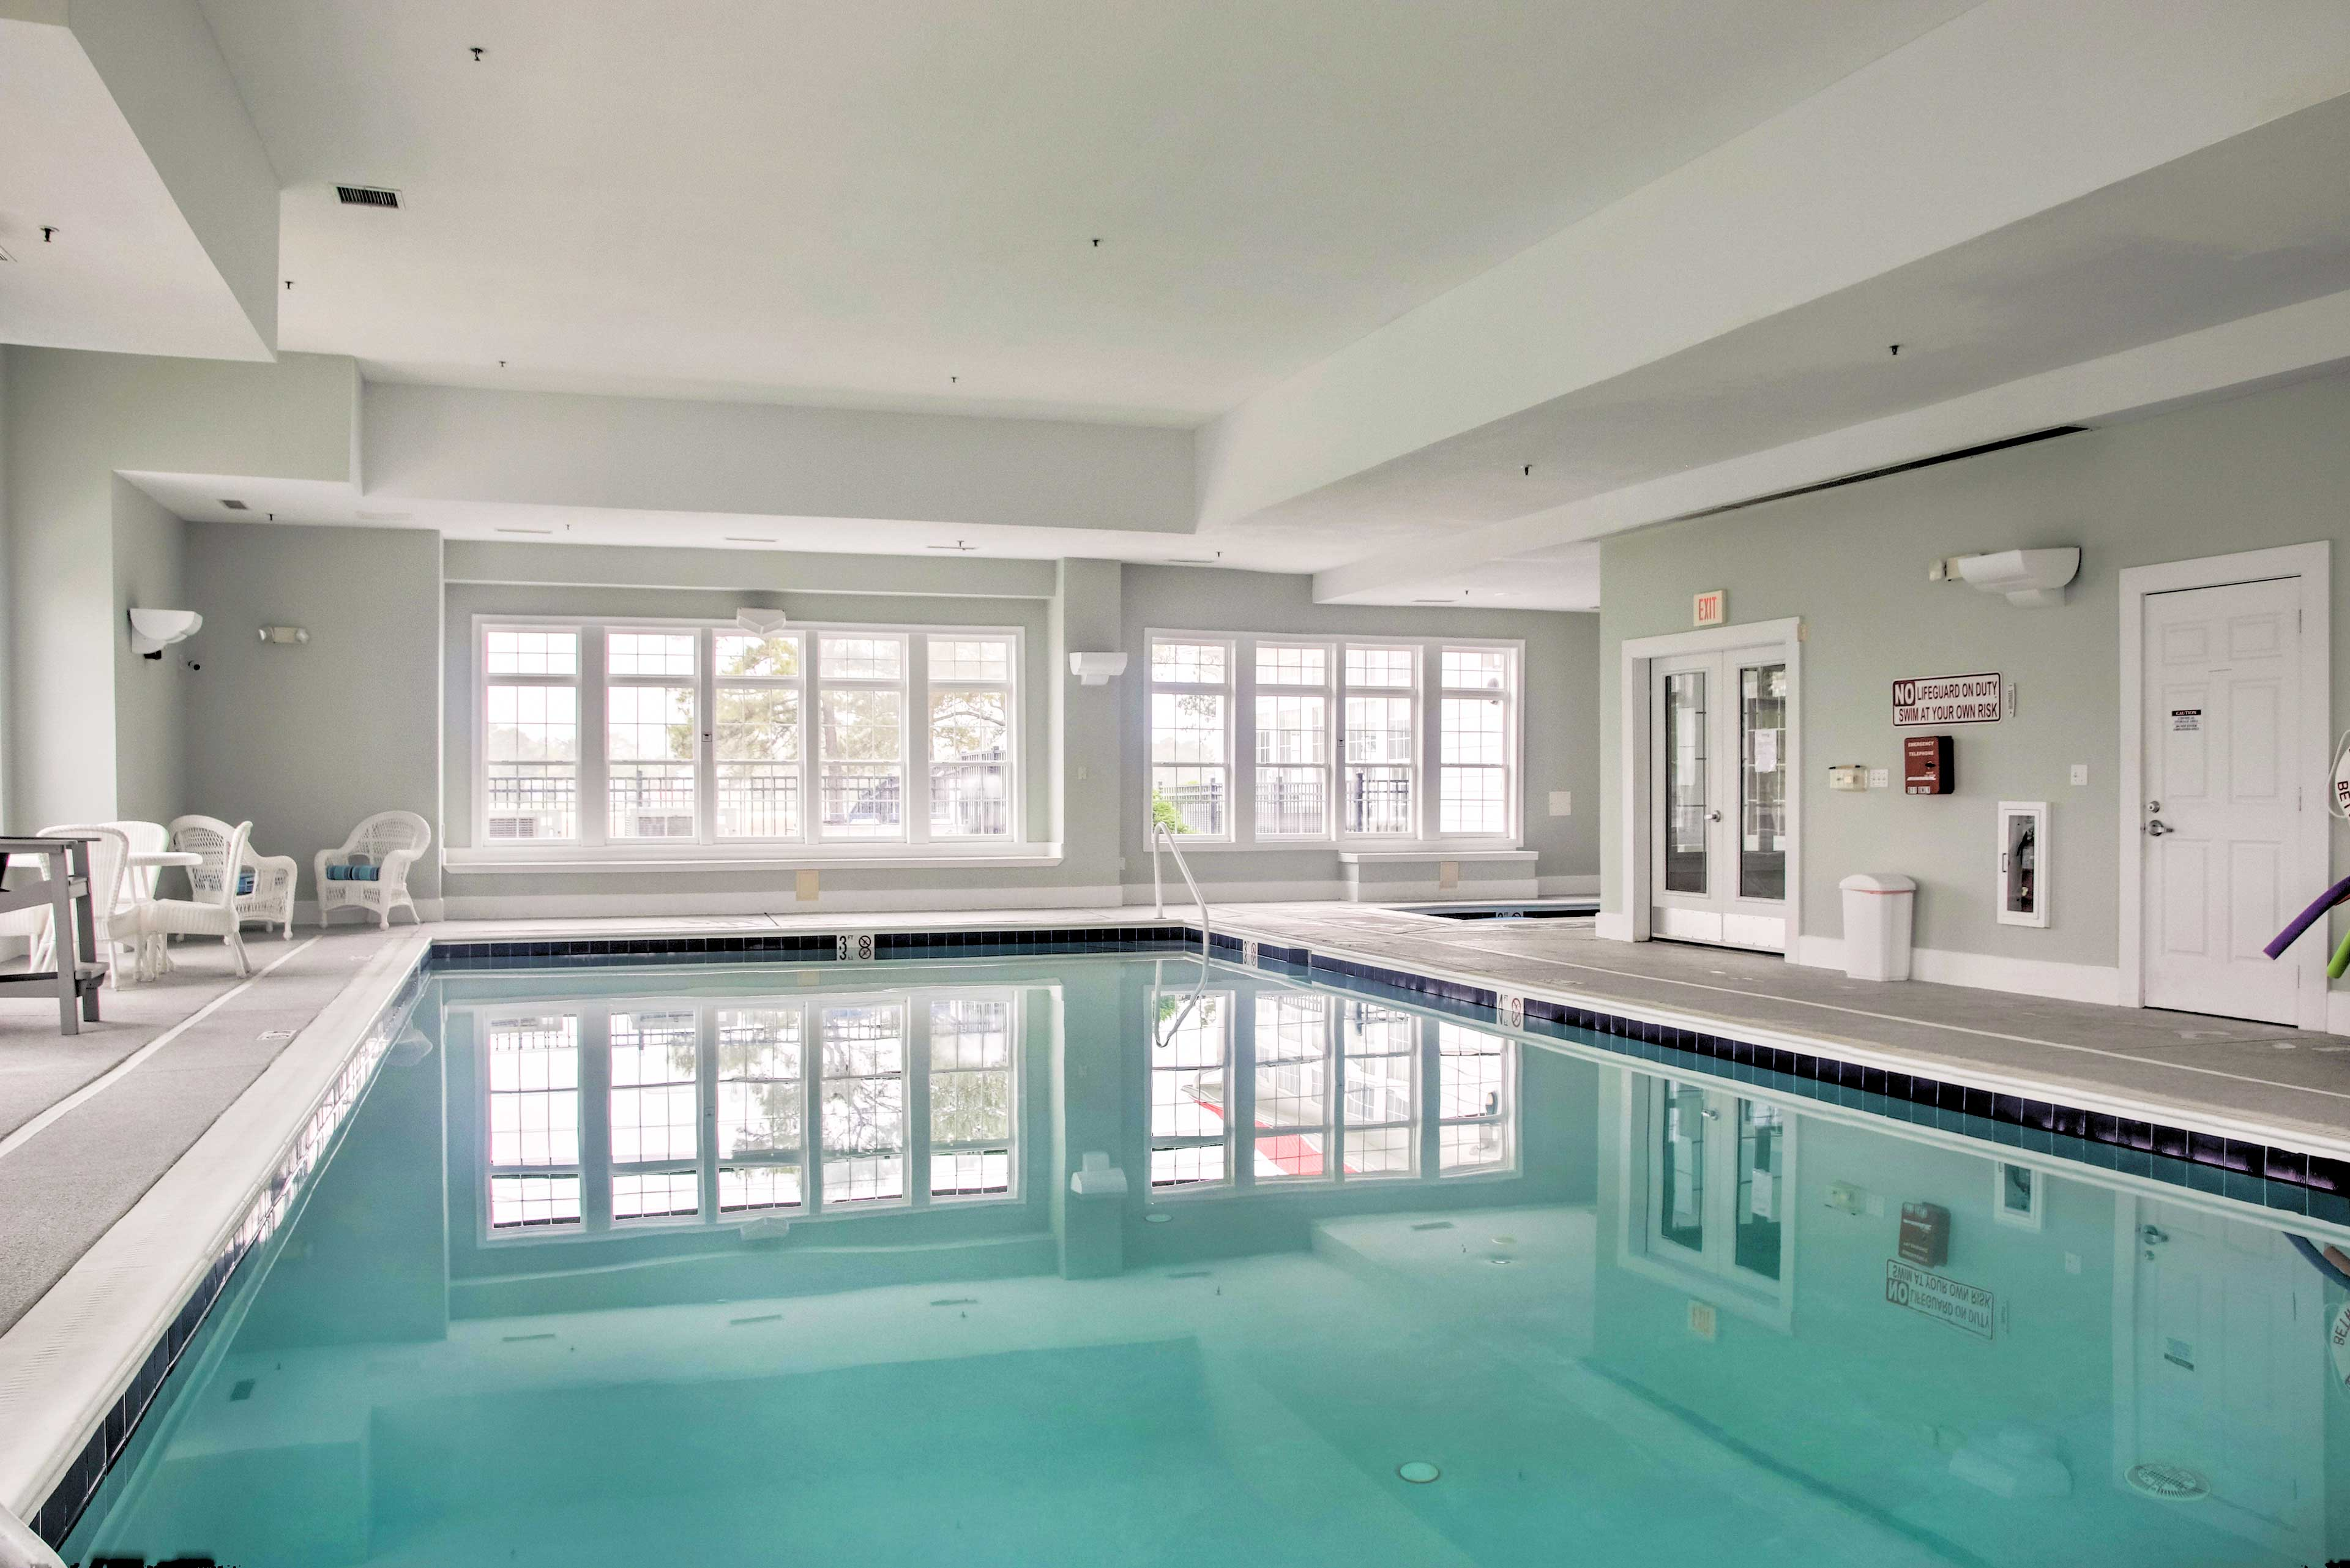 This Ocean View resort features numerous amenities like indoor & outdoor pools.